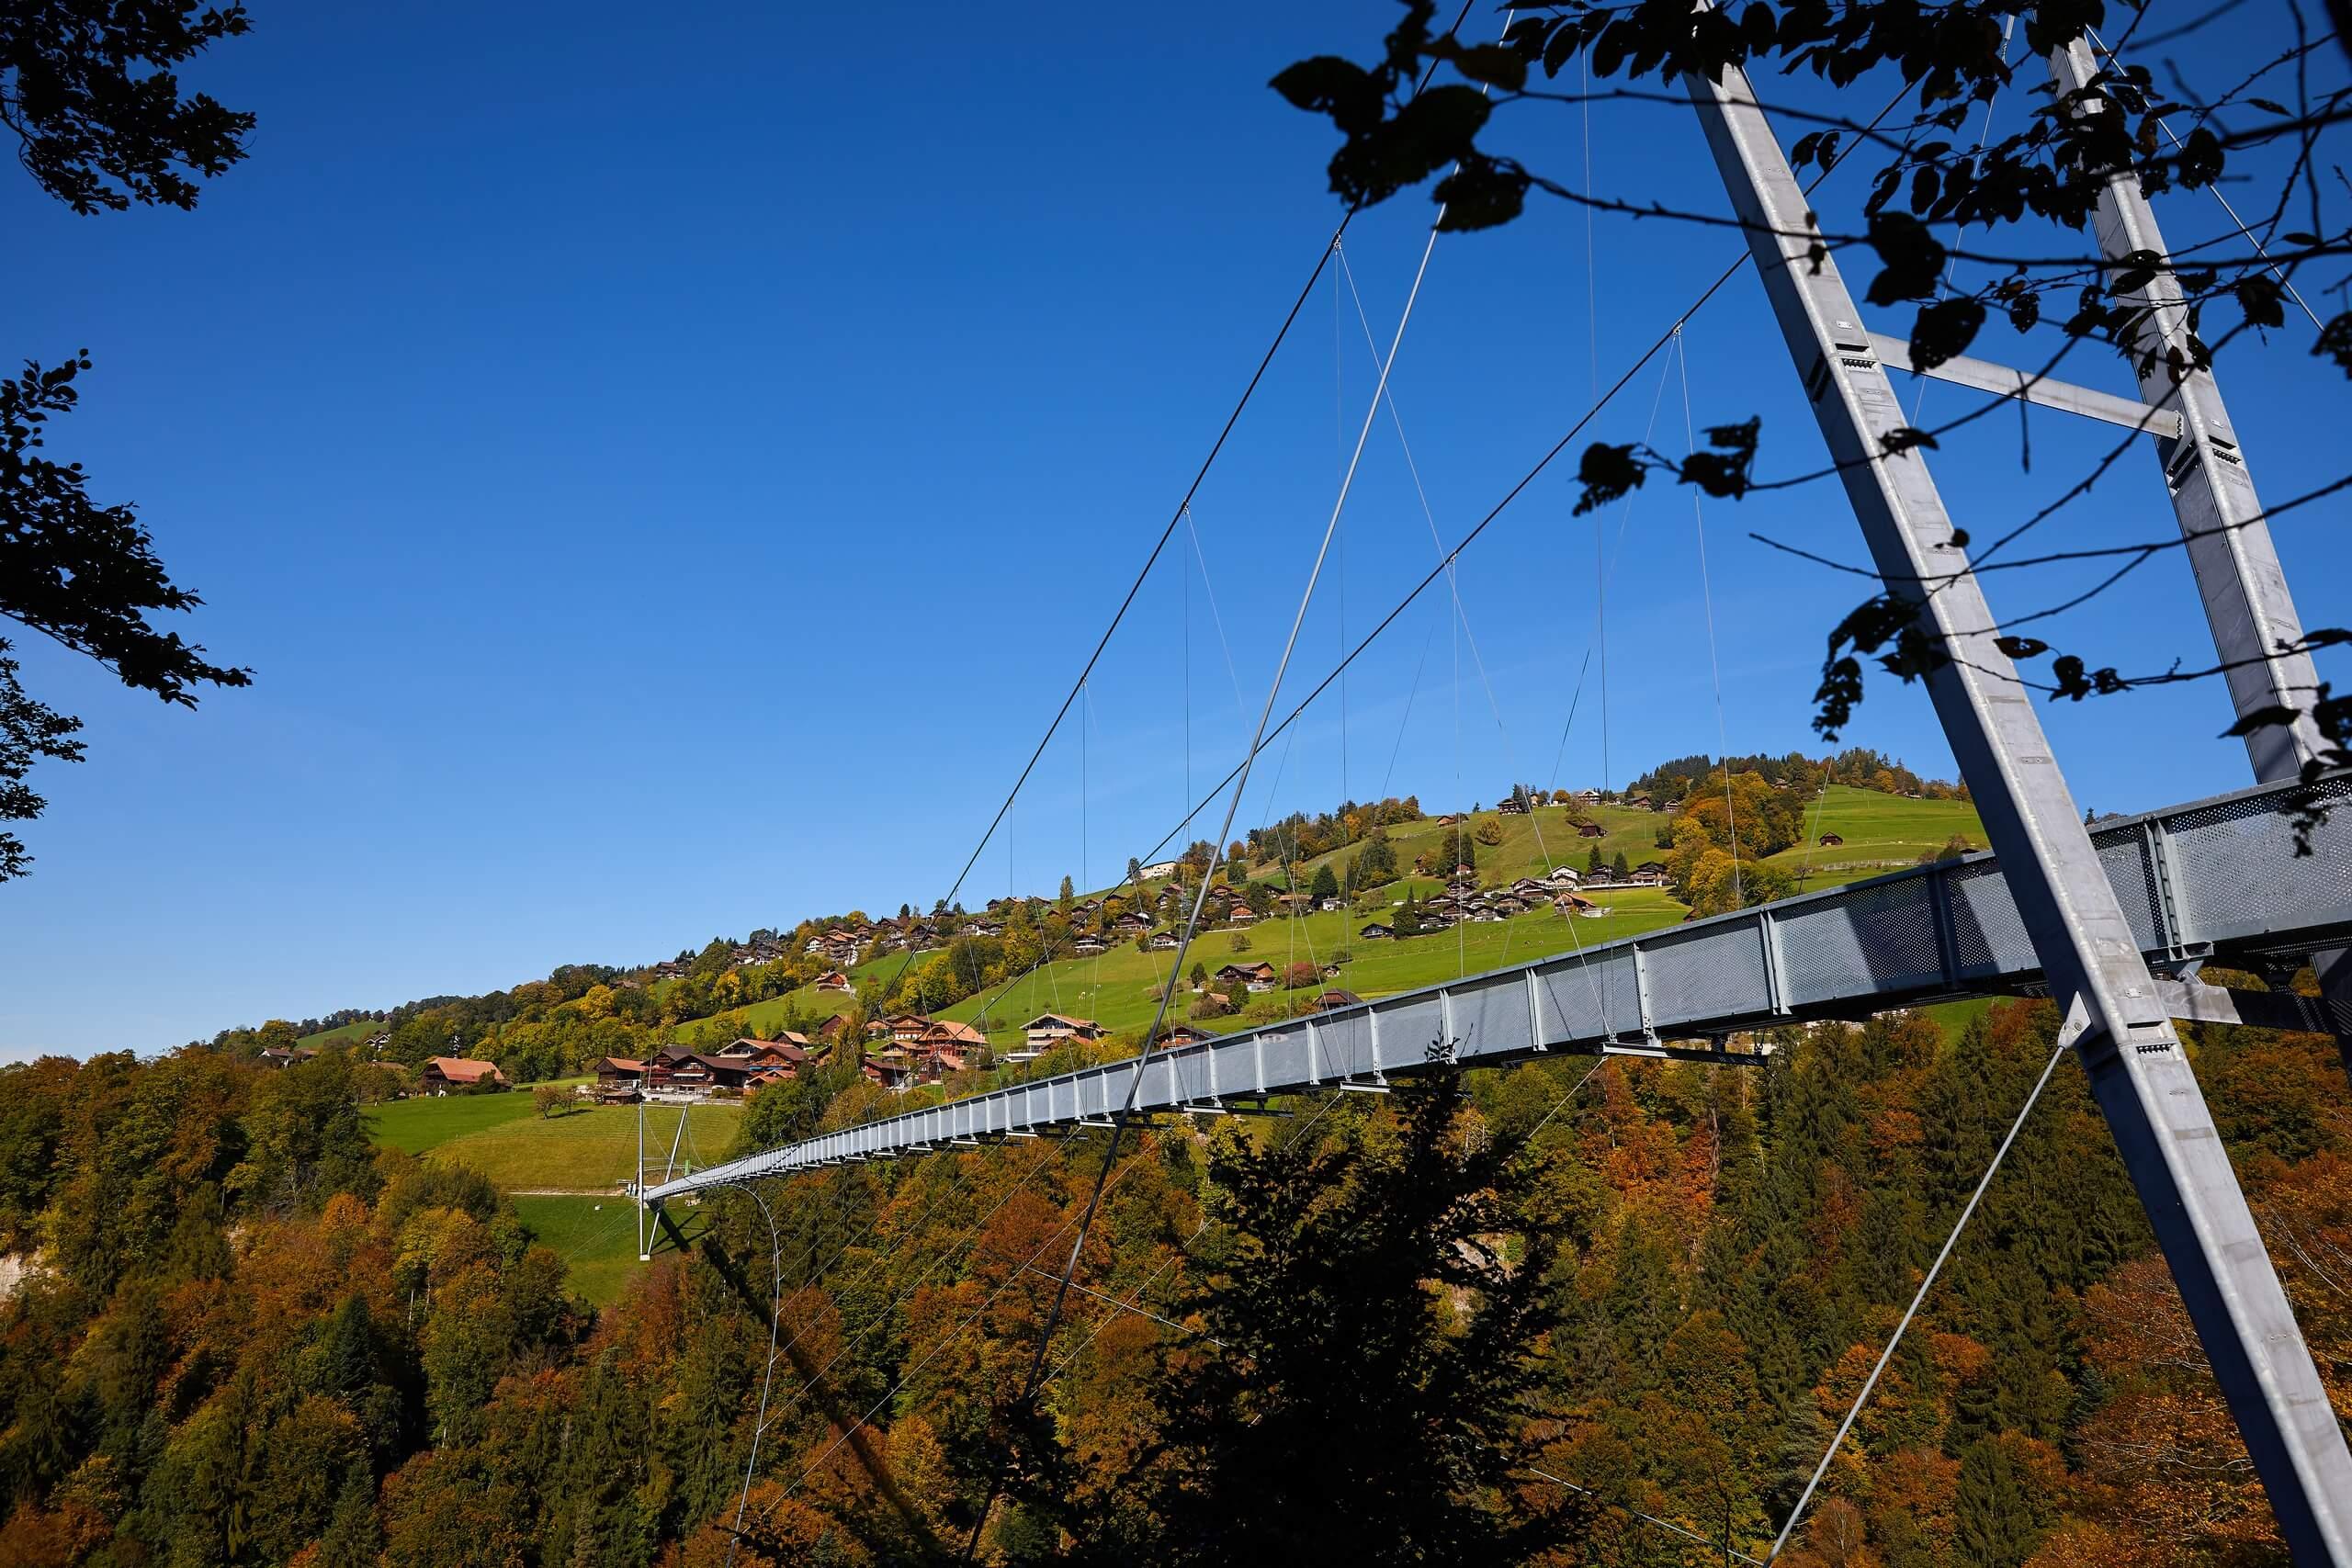 sigriswil-panorama-bruecke-waelder-fruehling-aussicht